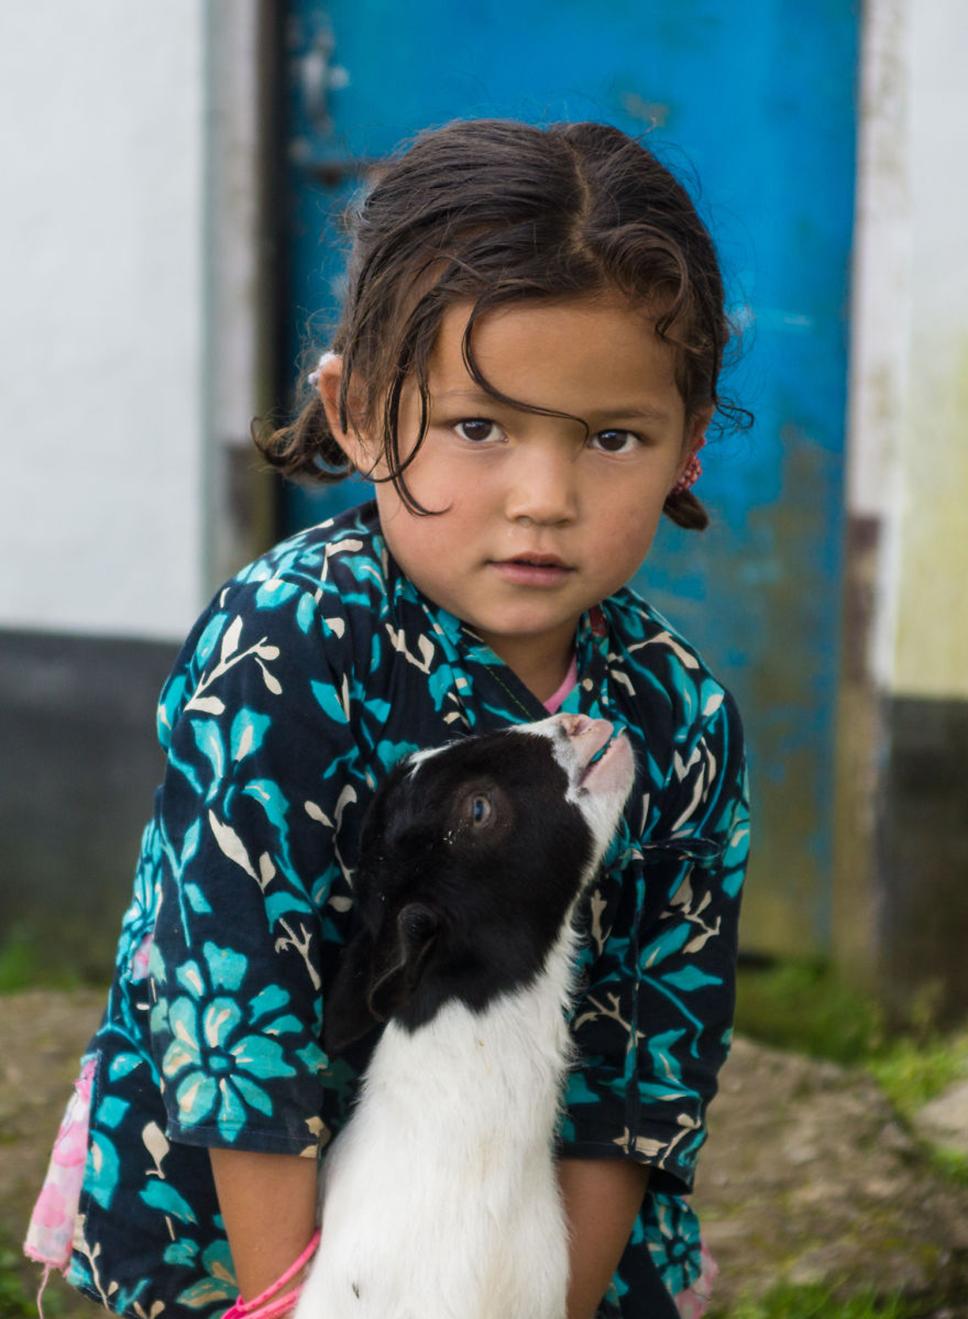 https://i2.wp.com/nomadesdigitais.com/wp-content/uploads/2016/01/Nepal14.jpg